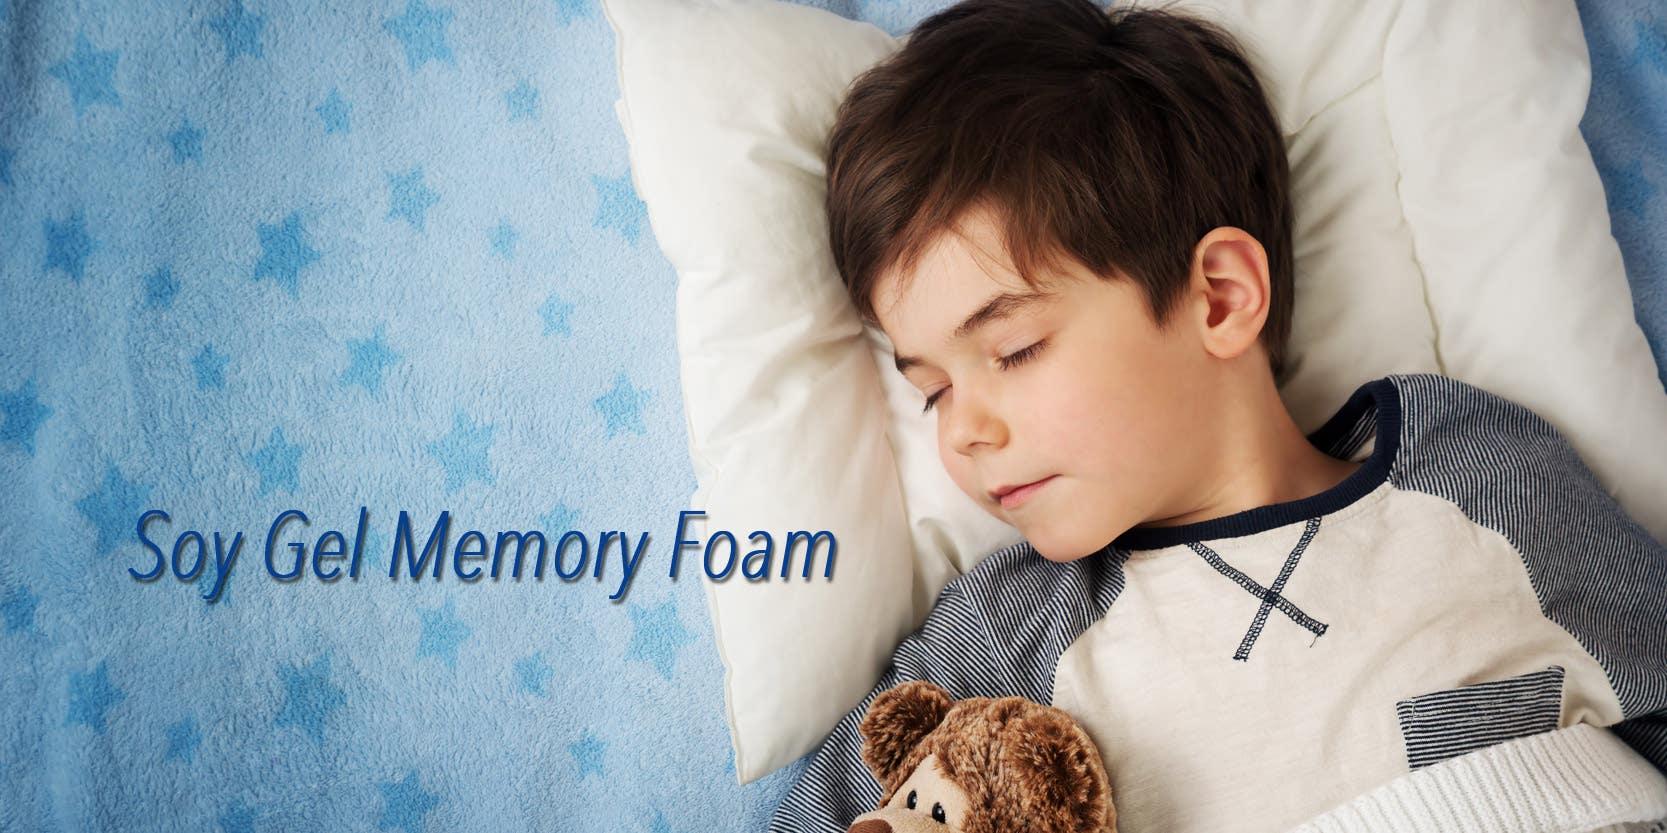 Soy Gel Memory Foam Mattresses